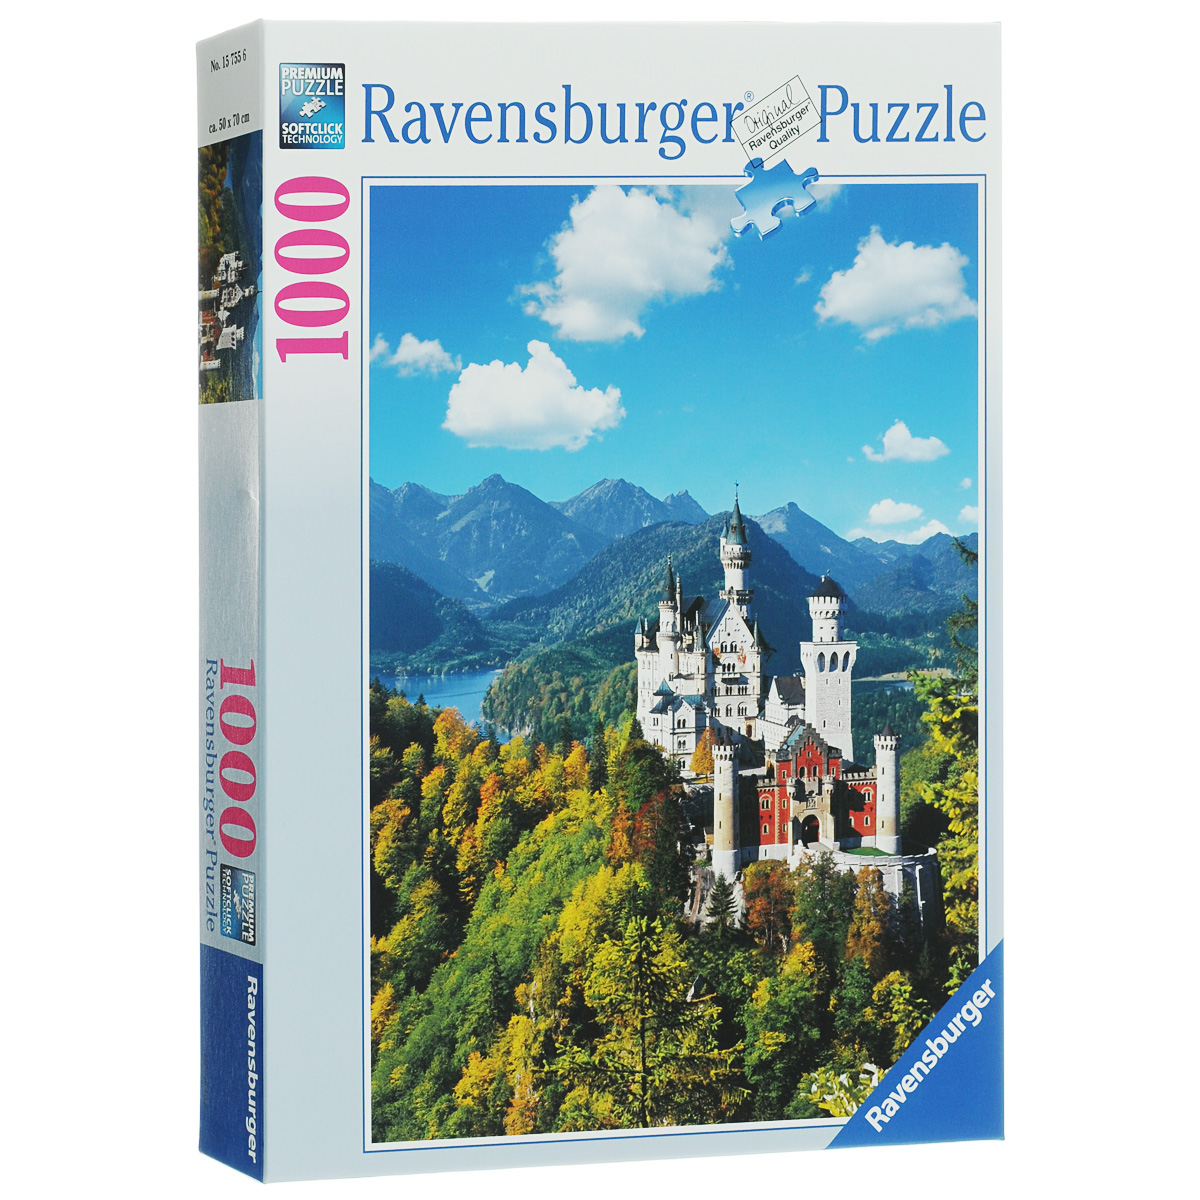 Ravensburger Нойшванштайн. Пазл, 1000 элементов